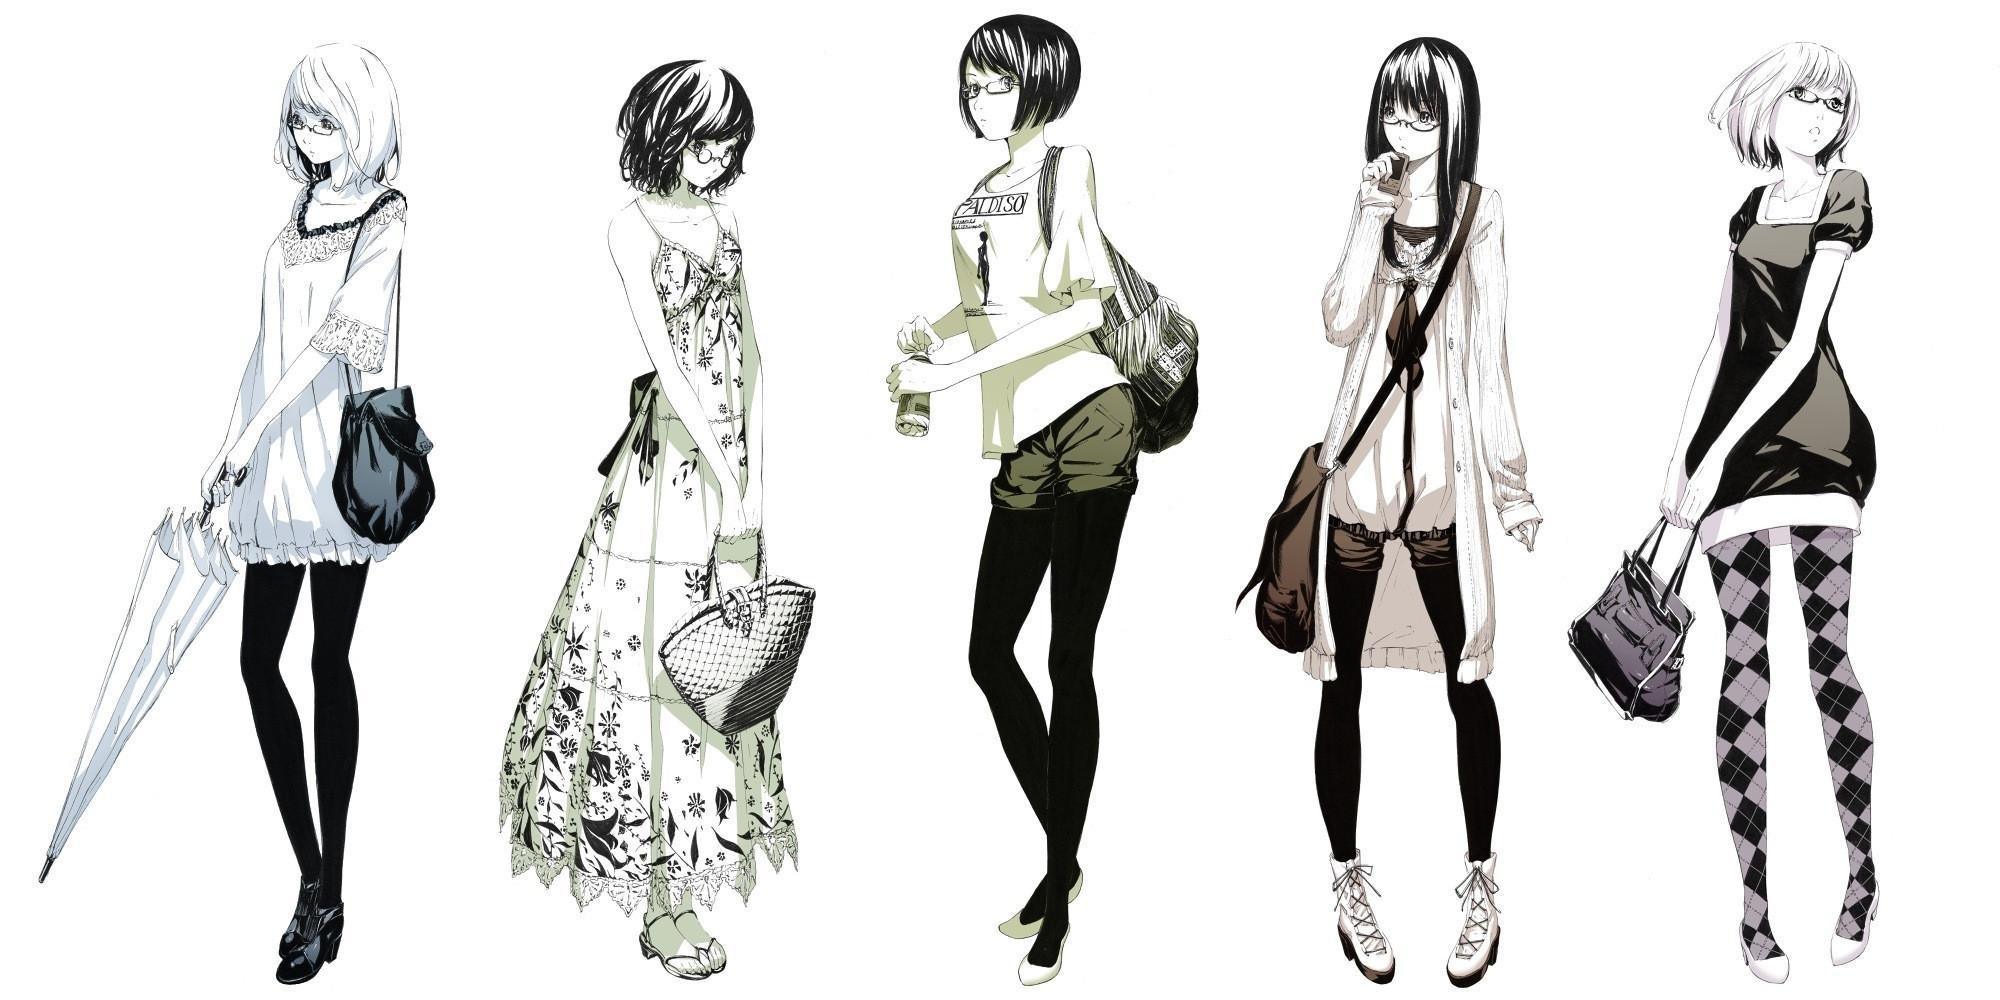 お前らオタクが好む女のファッションwwwwwww